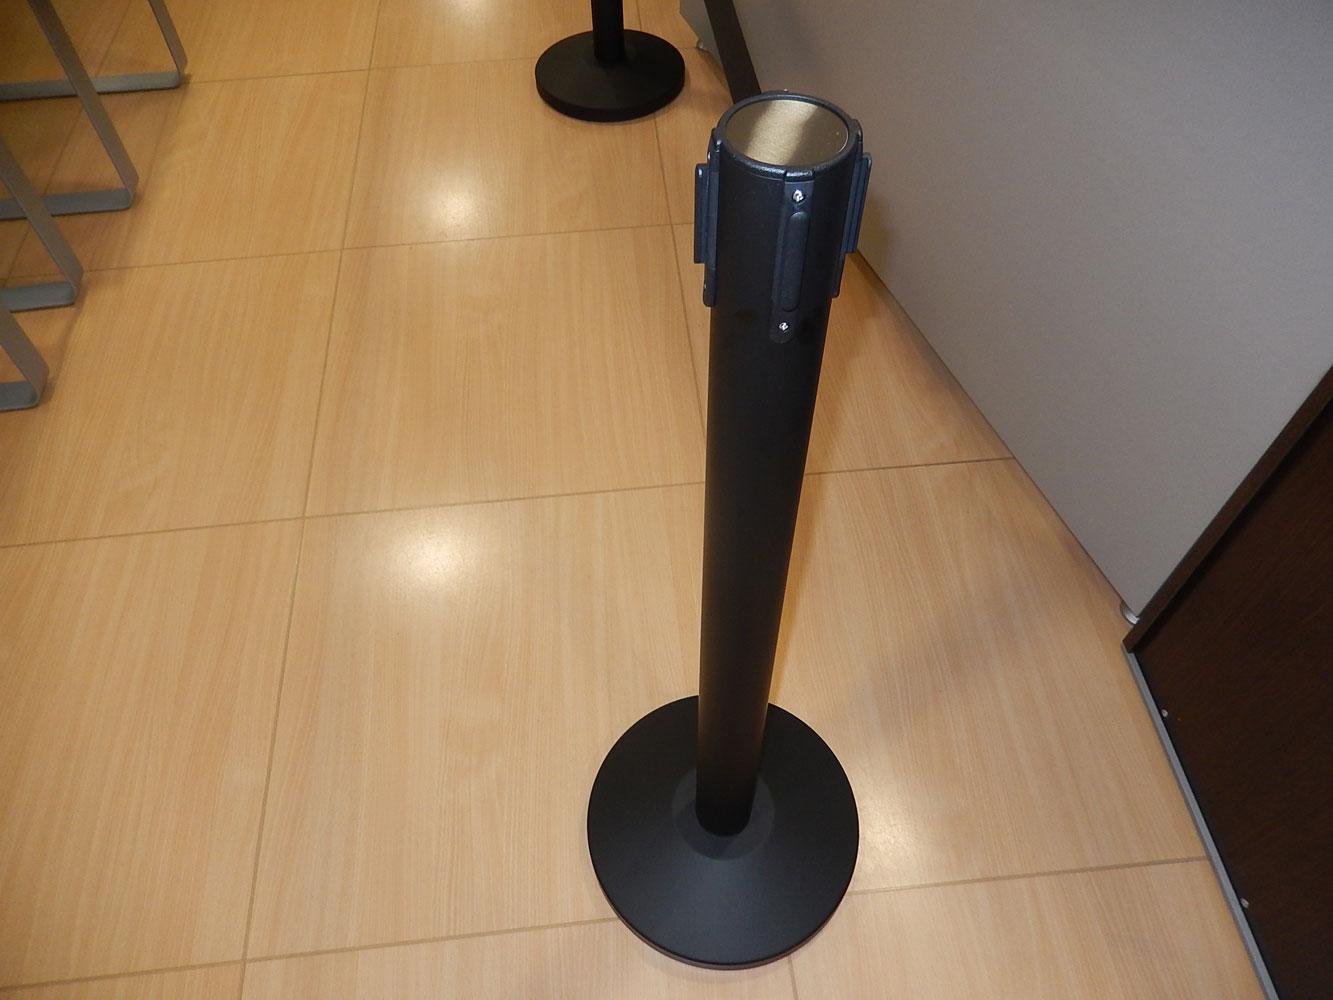 Poste separador con cinta extensible co-poste negro